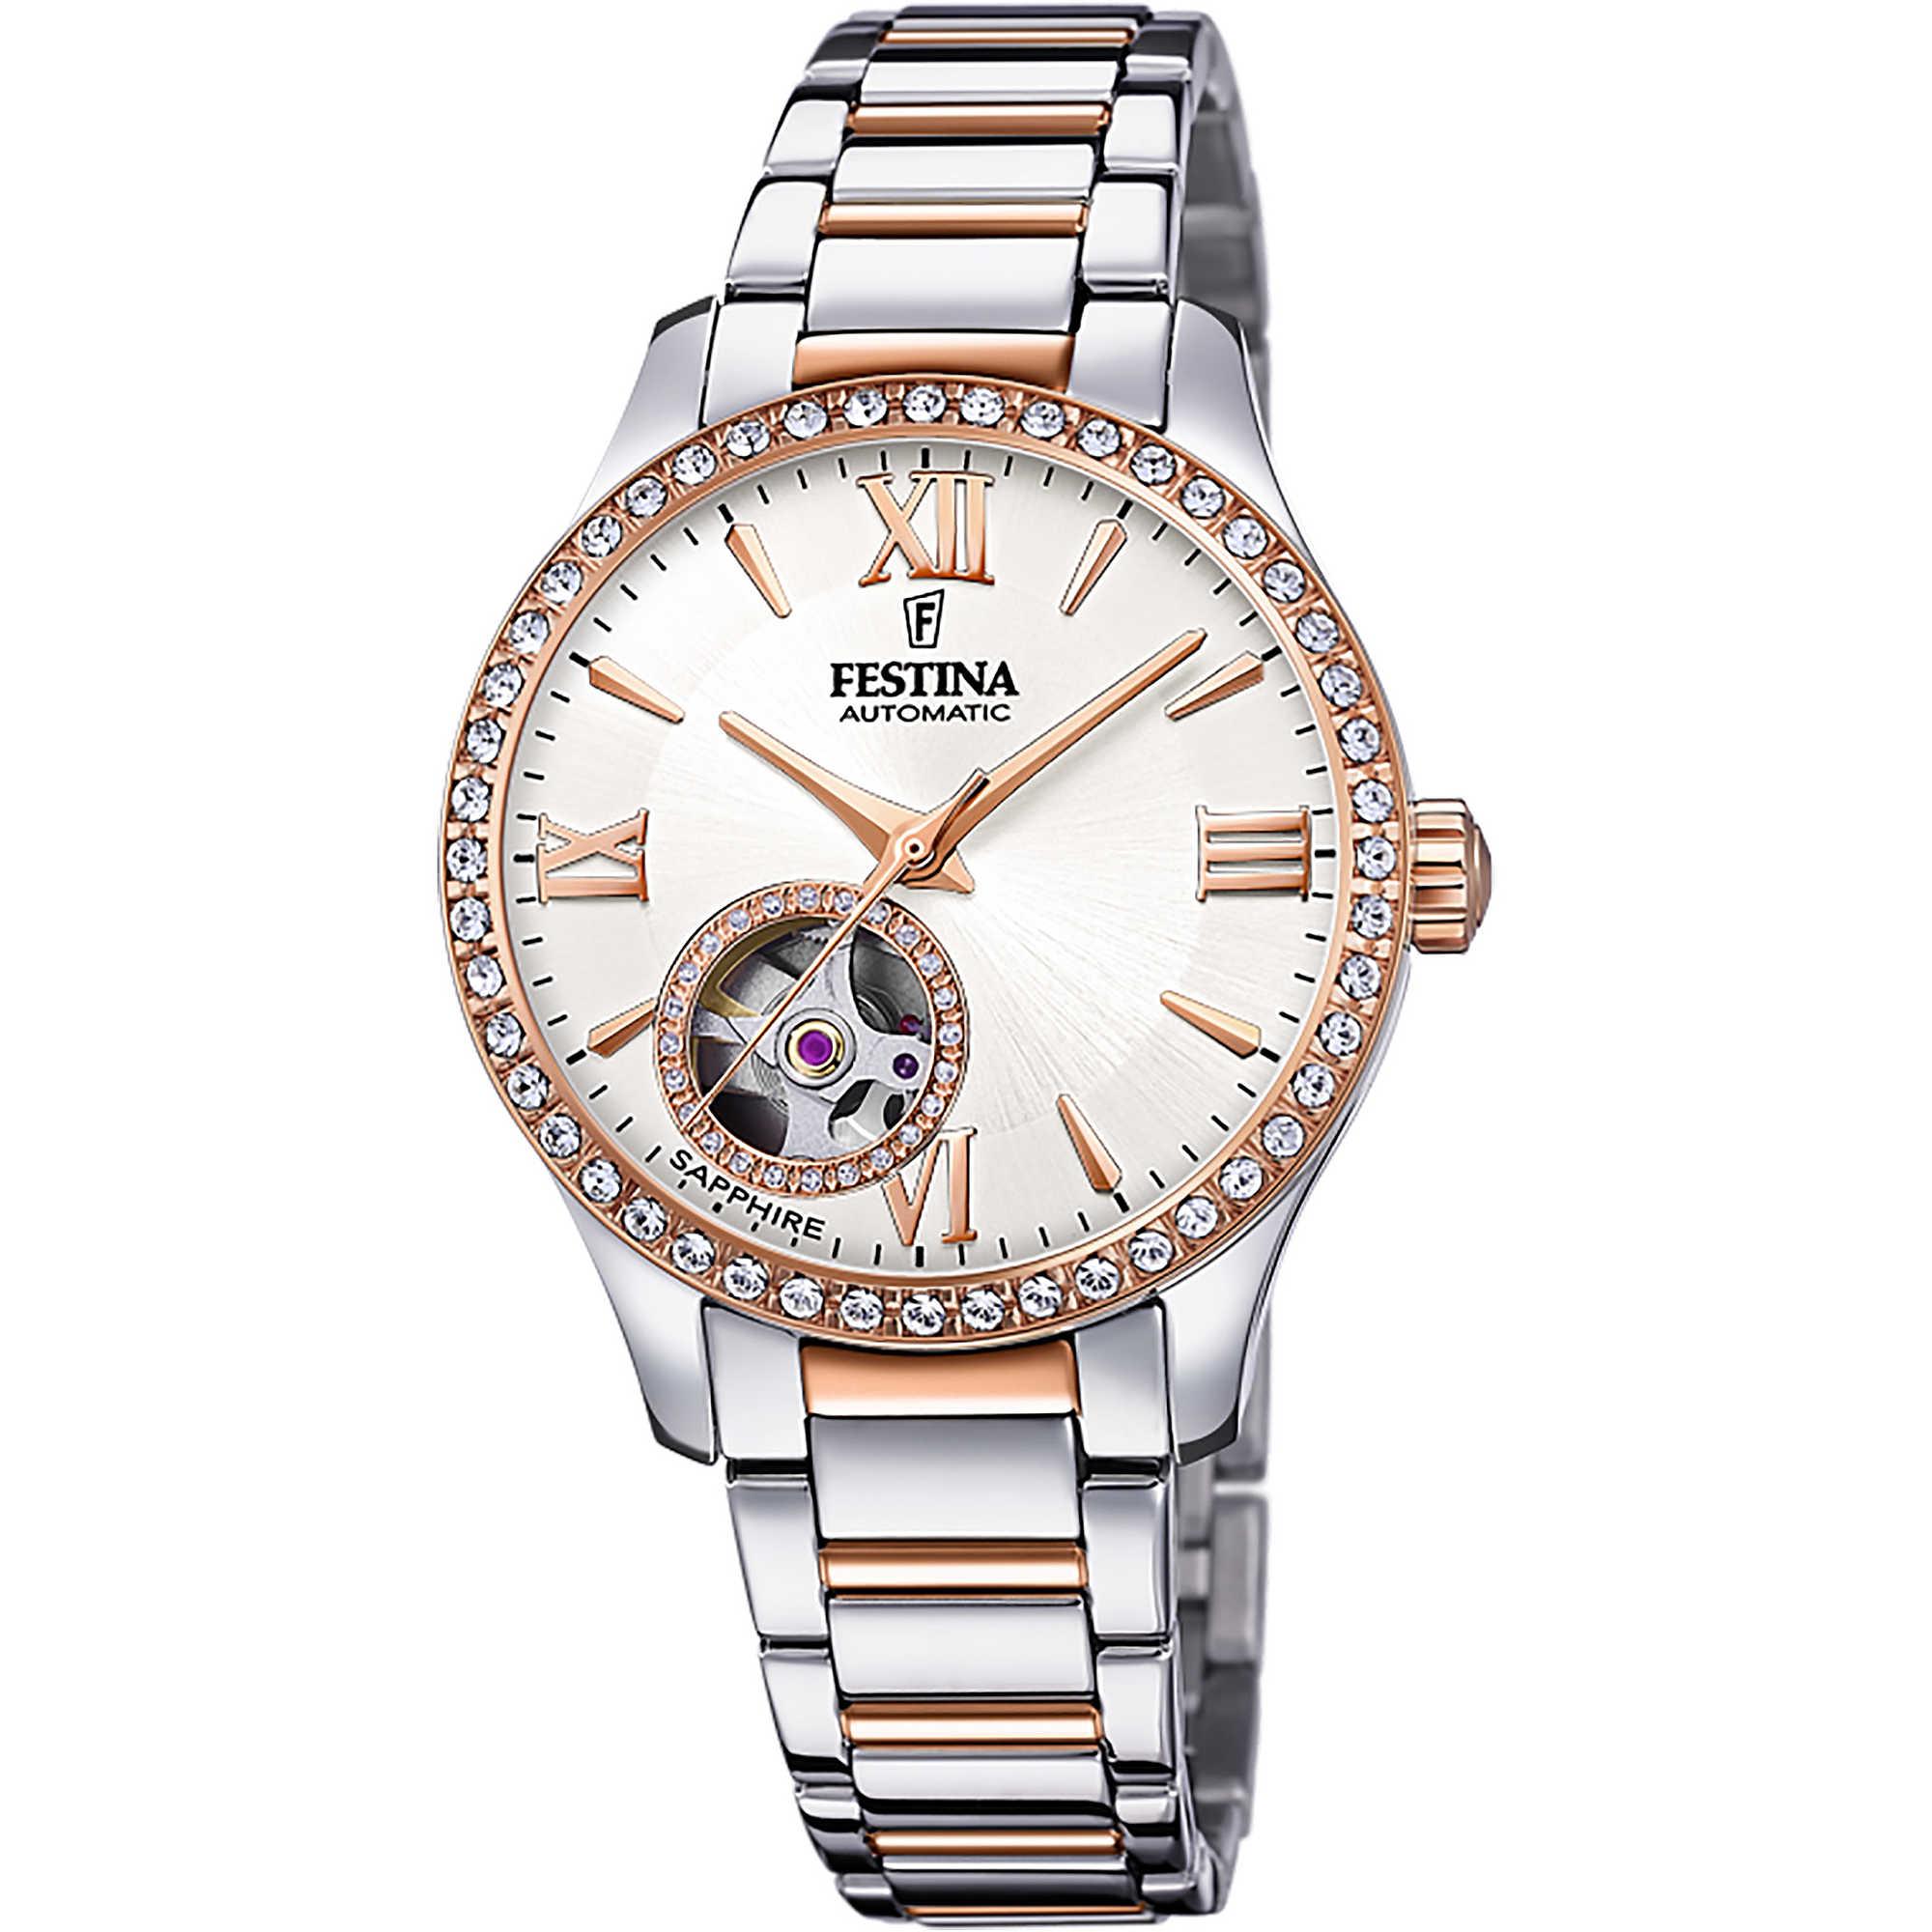 esquema caricia Días laborables  orologio meccanico donna Festina Automatico F20487/1 meccanici Festina